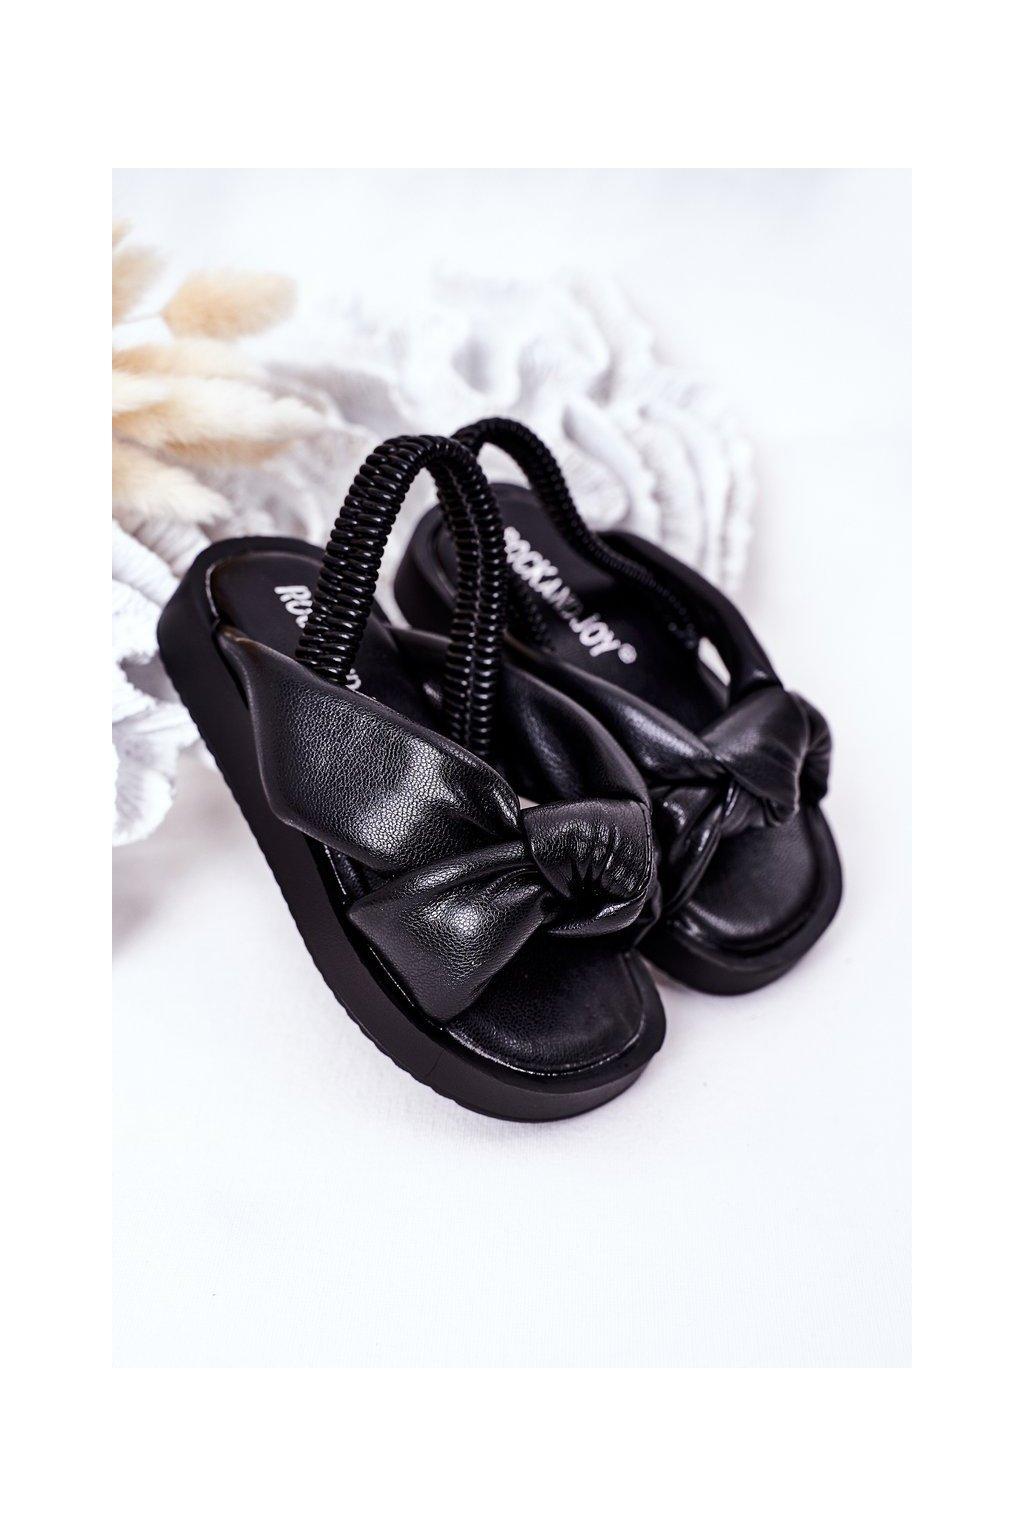 Čierne sandále NJSK 287-A BLACK